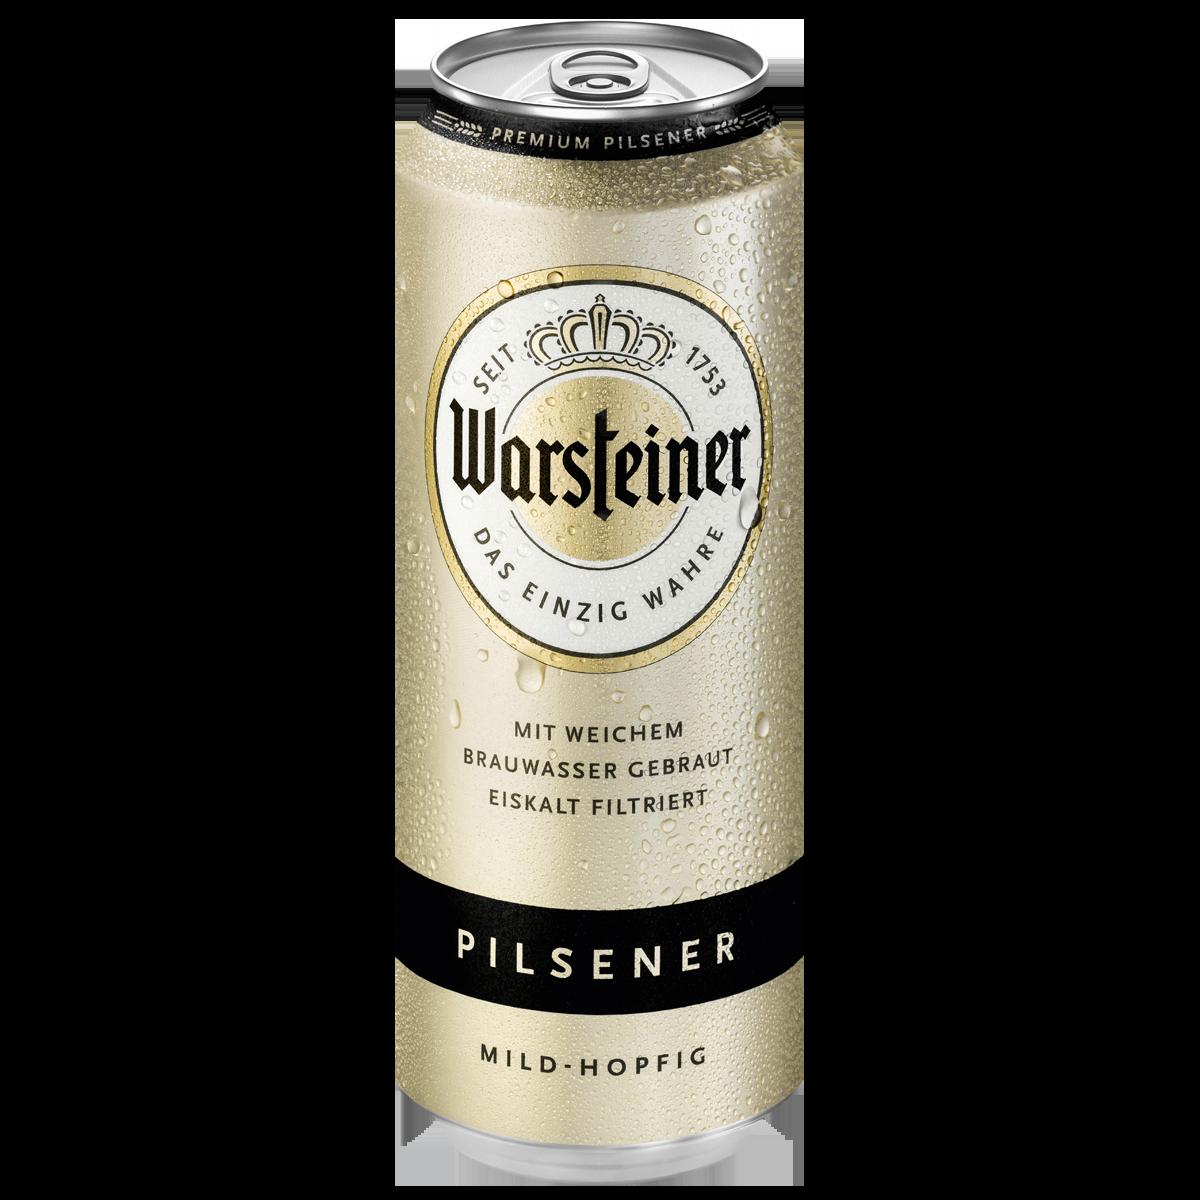 Warsteiner Premium Pilsener 05l Pils Bier Sortiment